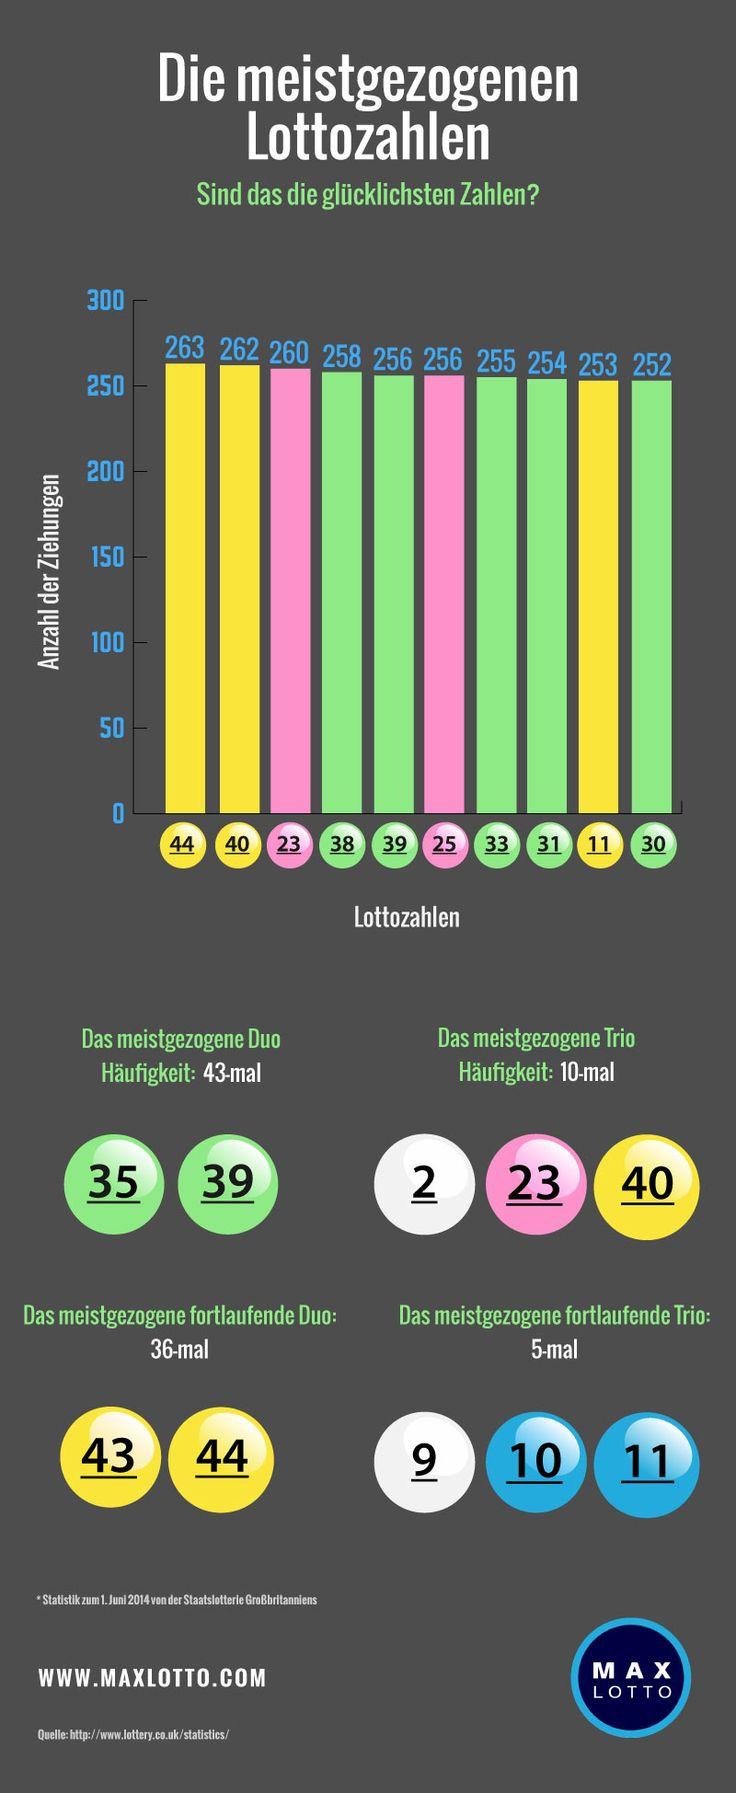 Die Meistgezogenen Lottozahlen Sind Des Die Glucklichsten Zahlen